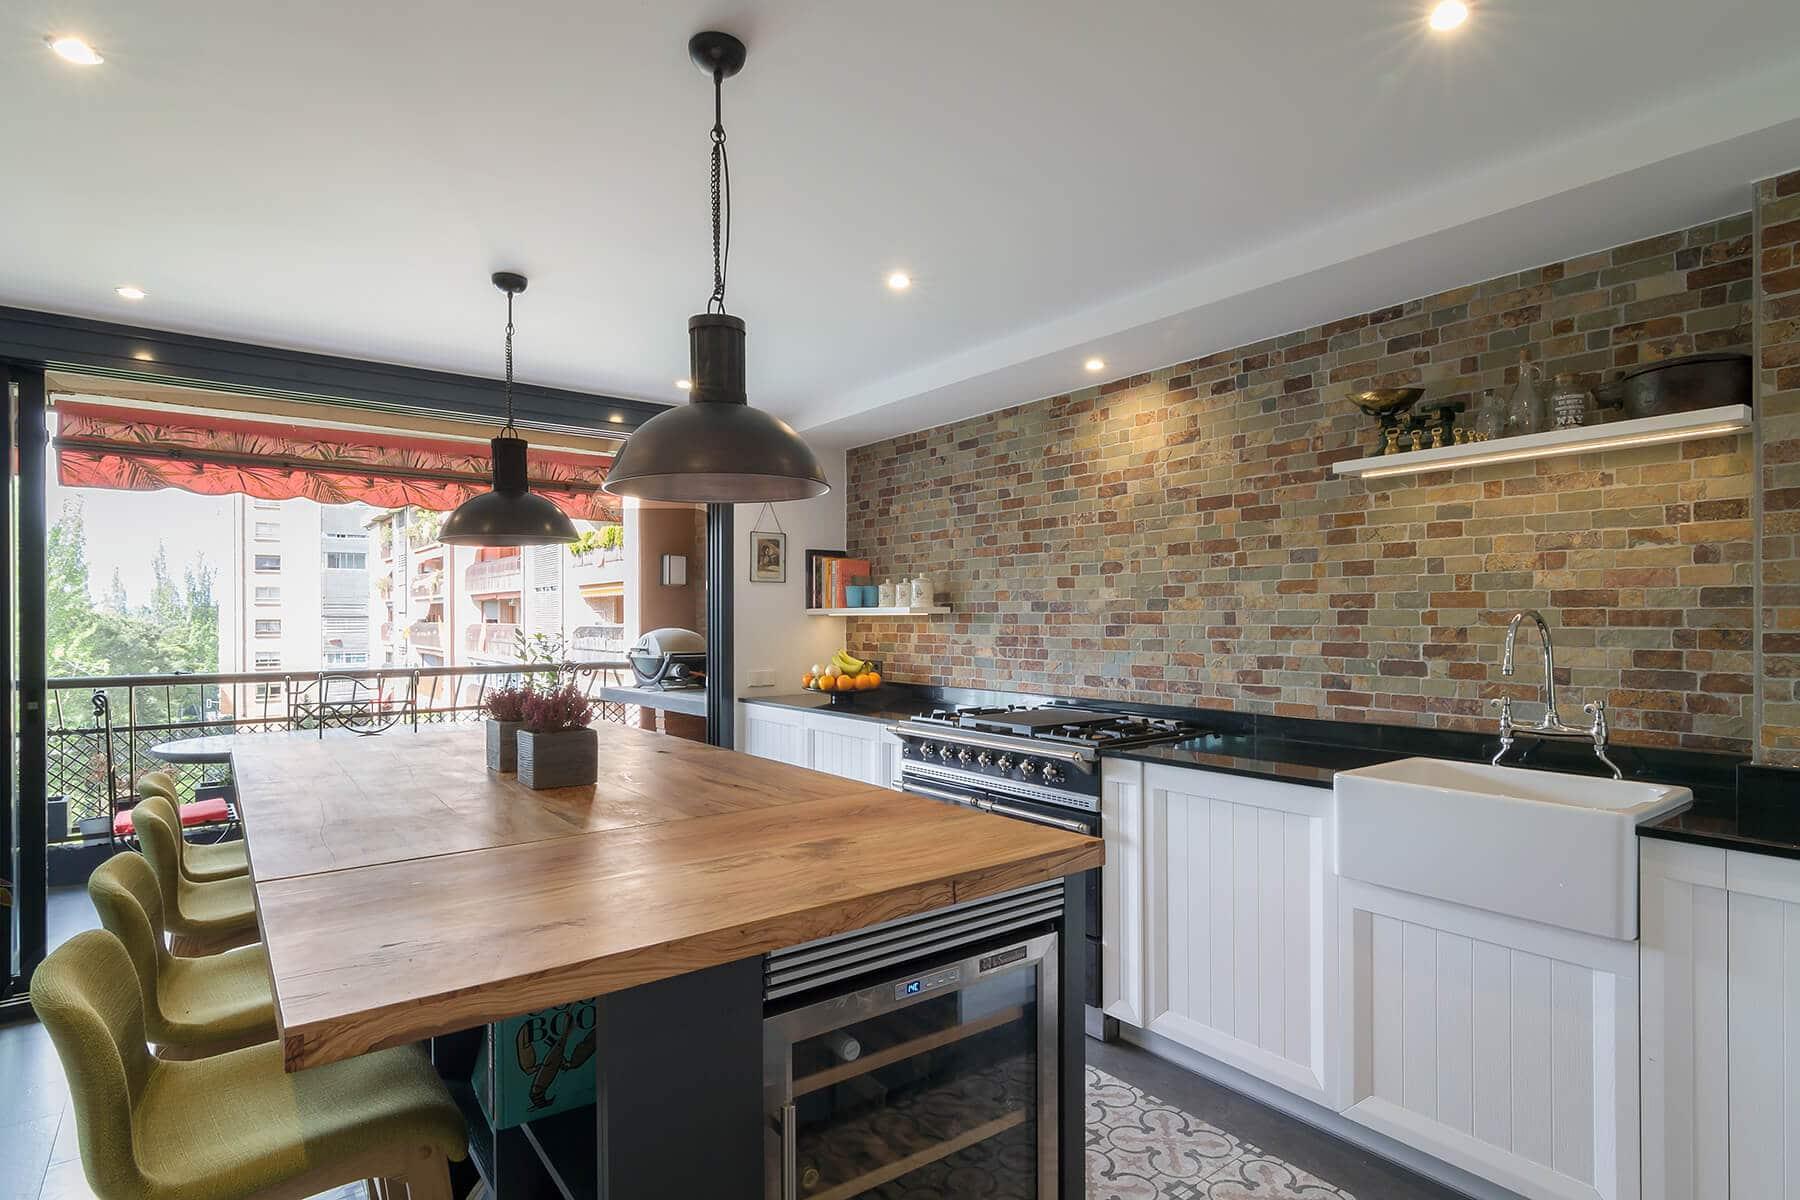 Cocinas con isla mezclando estilos a la perfección